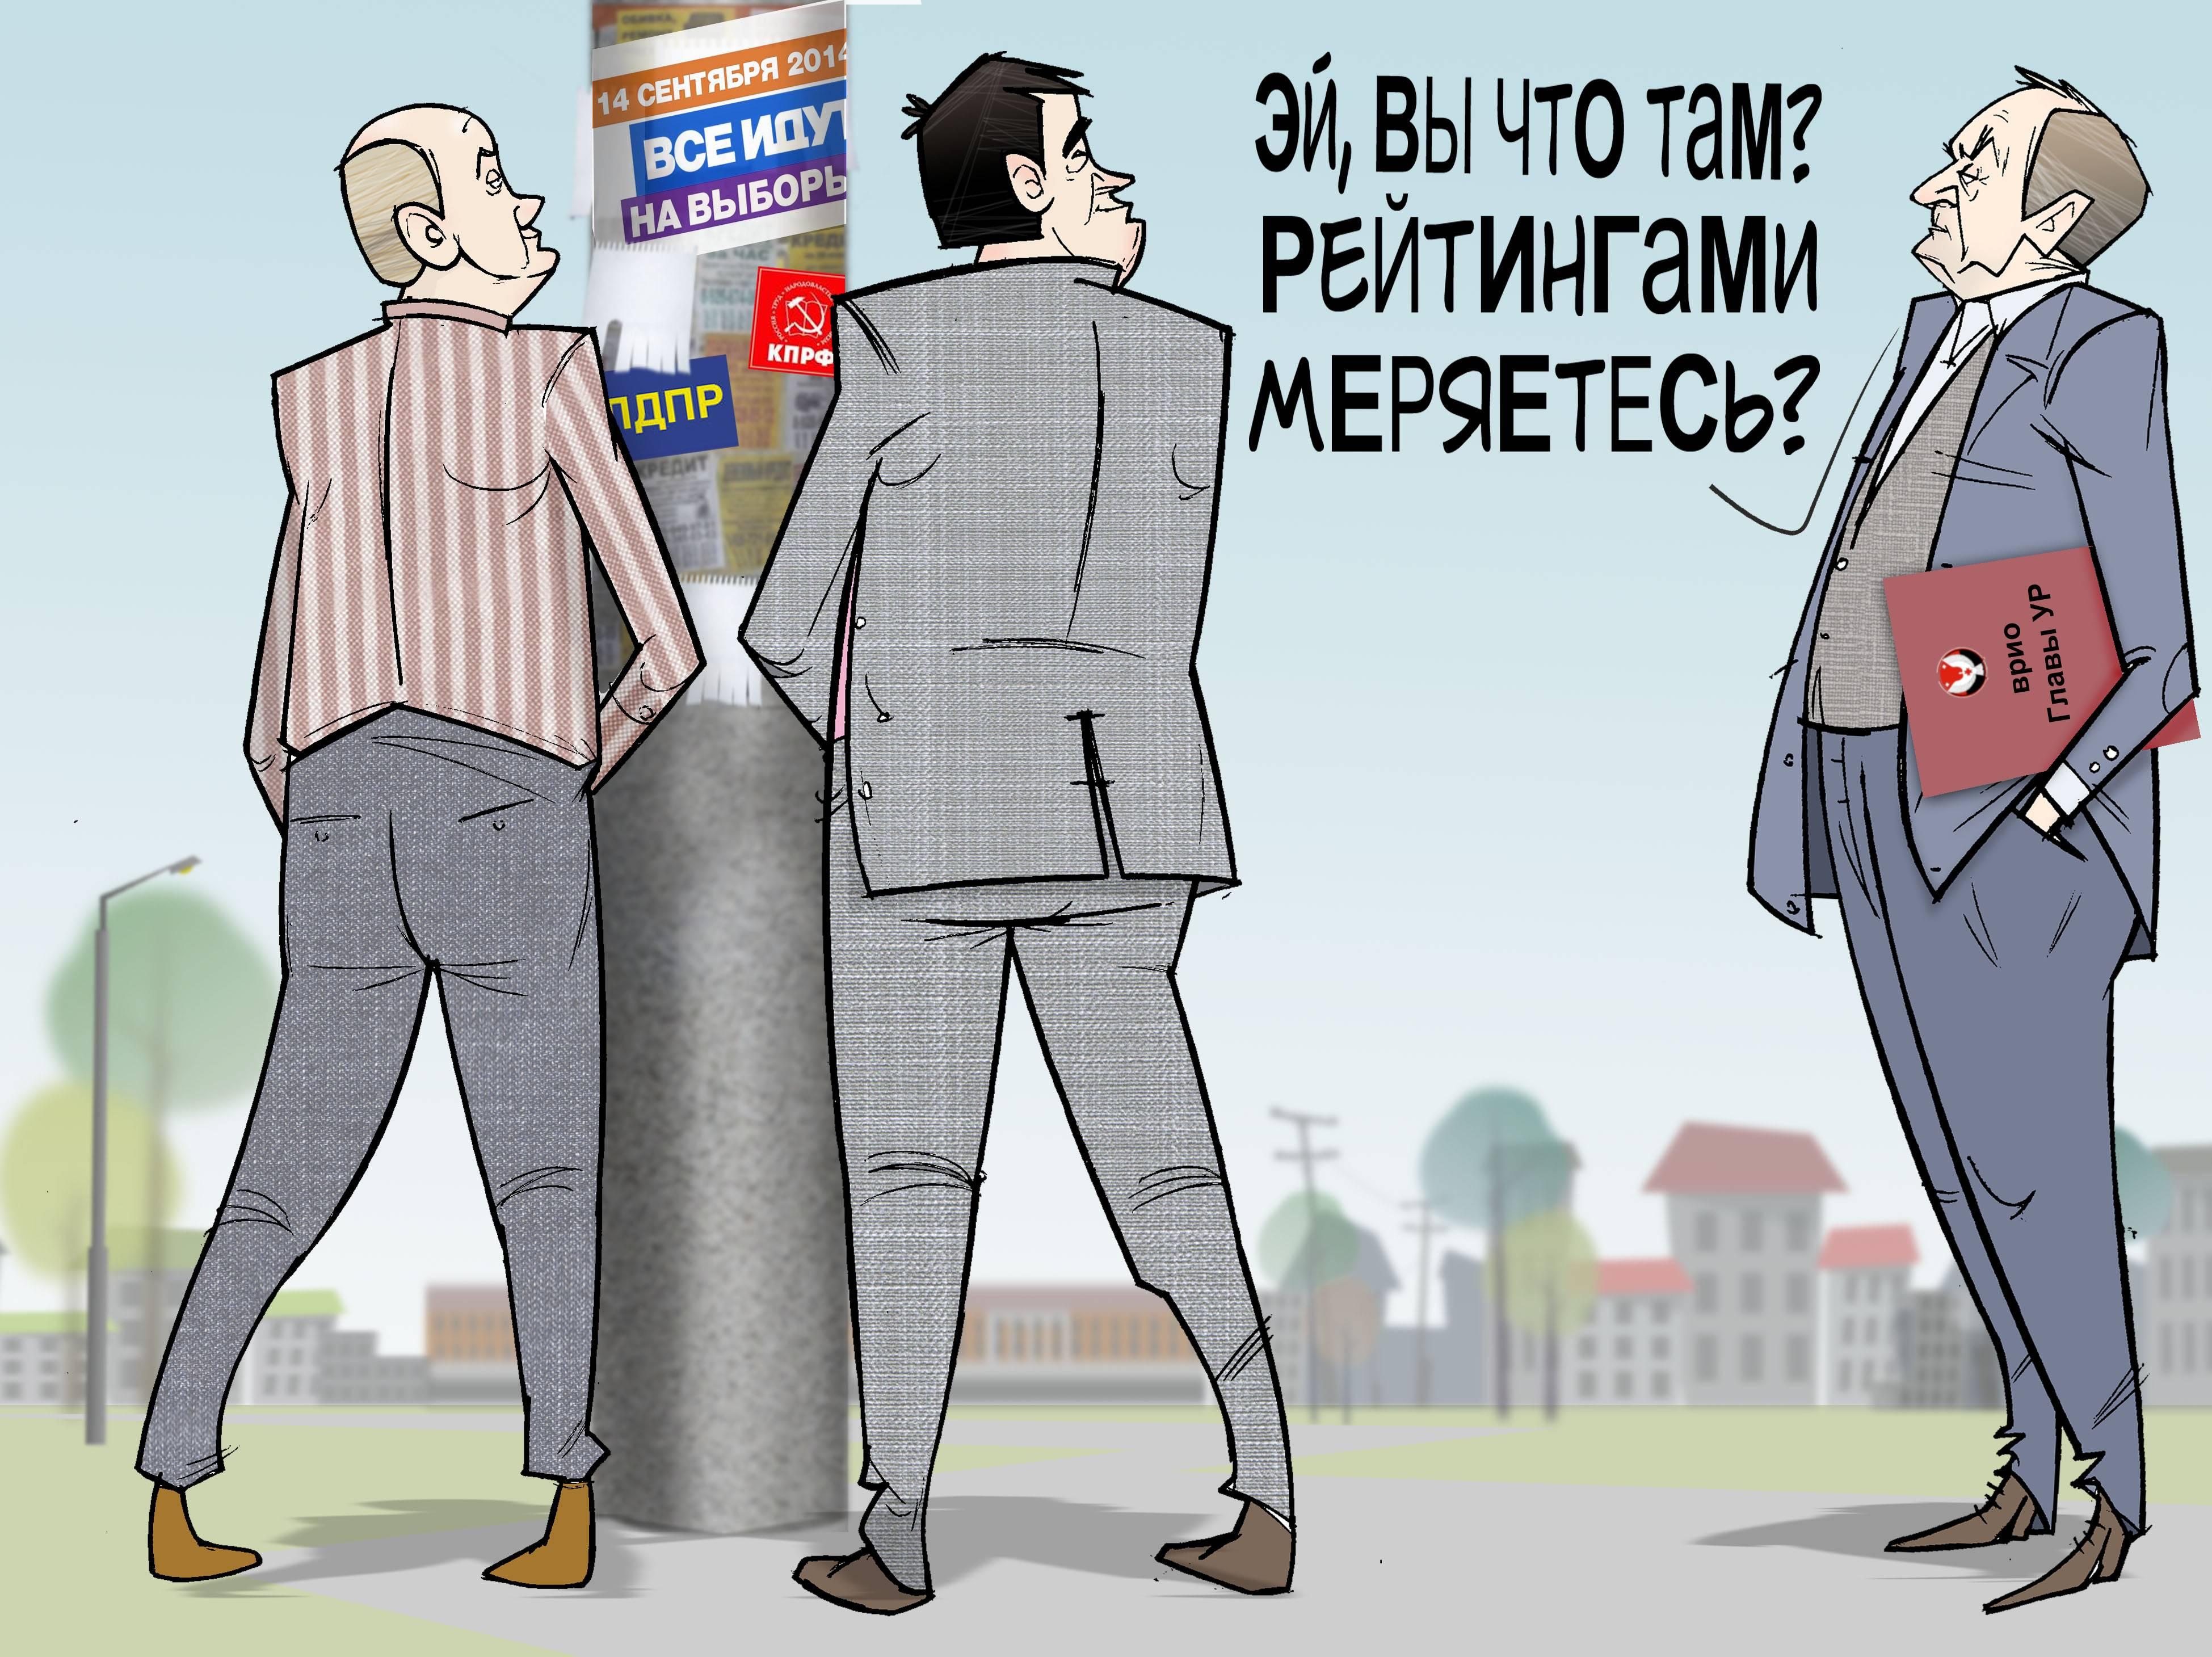 """Вы чем там меритесь? #Выборы #Удмуртия #Маркин #ЛДПР #Чепкасов #КПРФ #врио #ГлаваУР #Соловьёв © Газета """"День"""" 2014"""